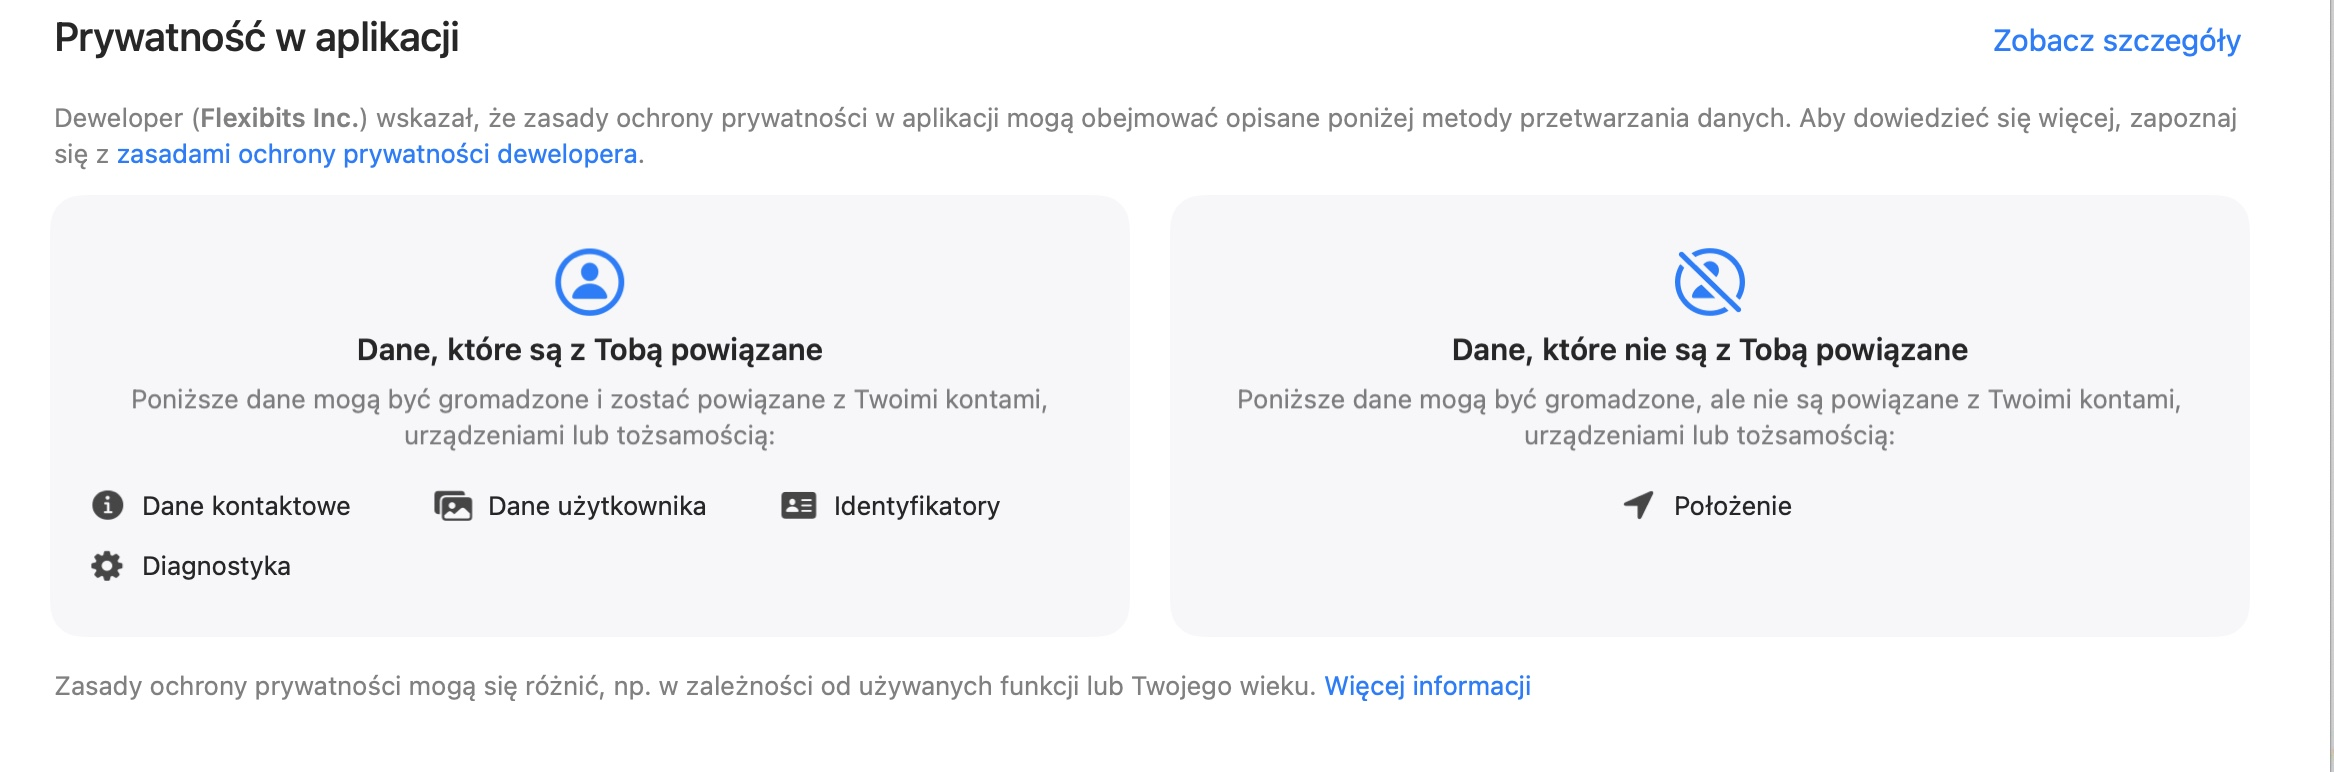 prywatność w aplikacji app store